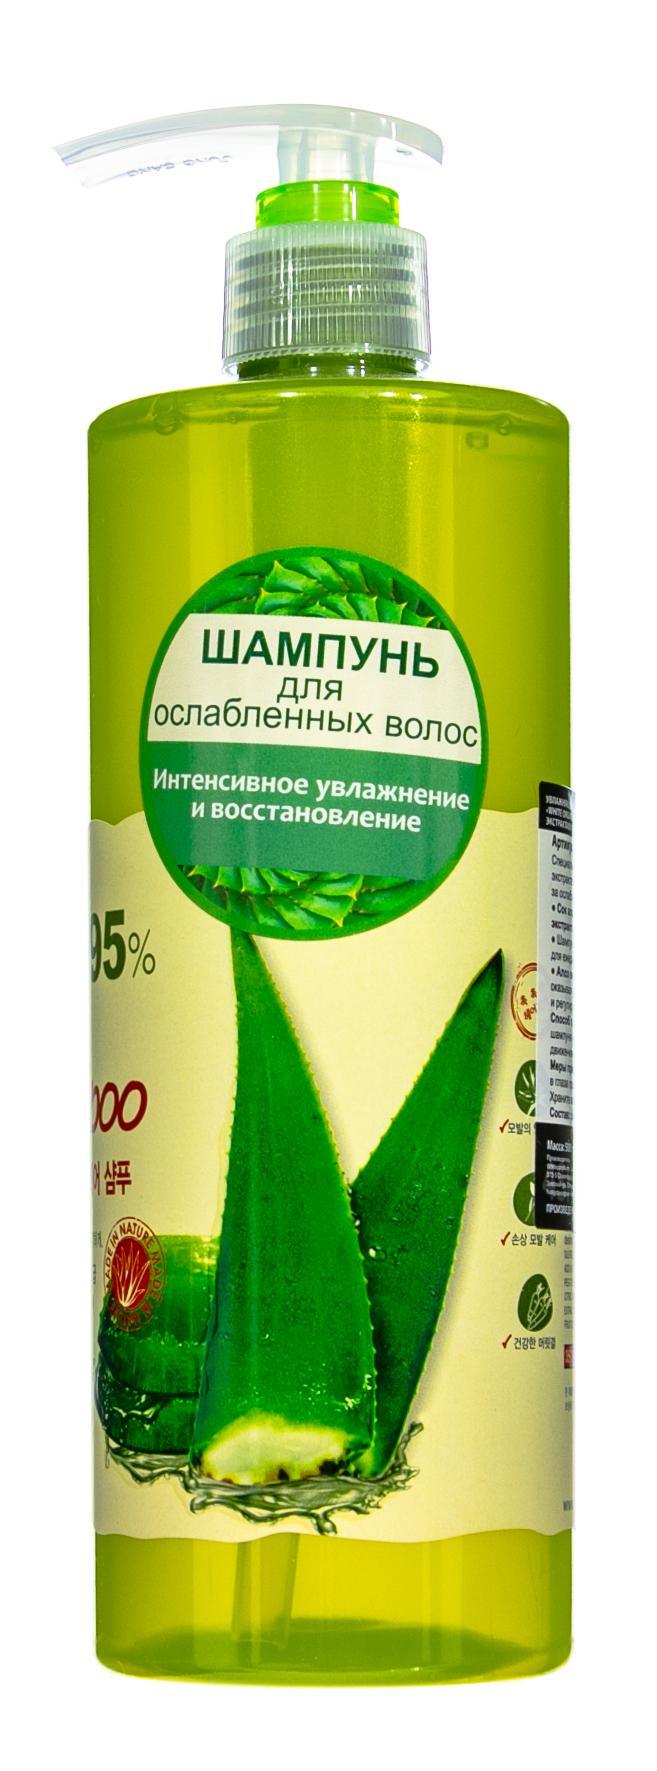 Купить White Organia Шампунь для ослабленных волос White Organia с соком алоэ, экстрактами моркови и тыквы, 500 мл (White Organia, Для волос), Южная Корея